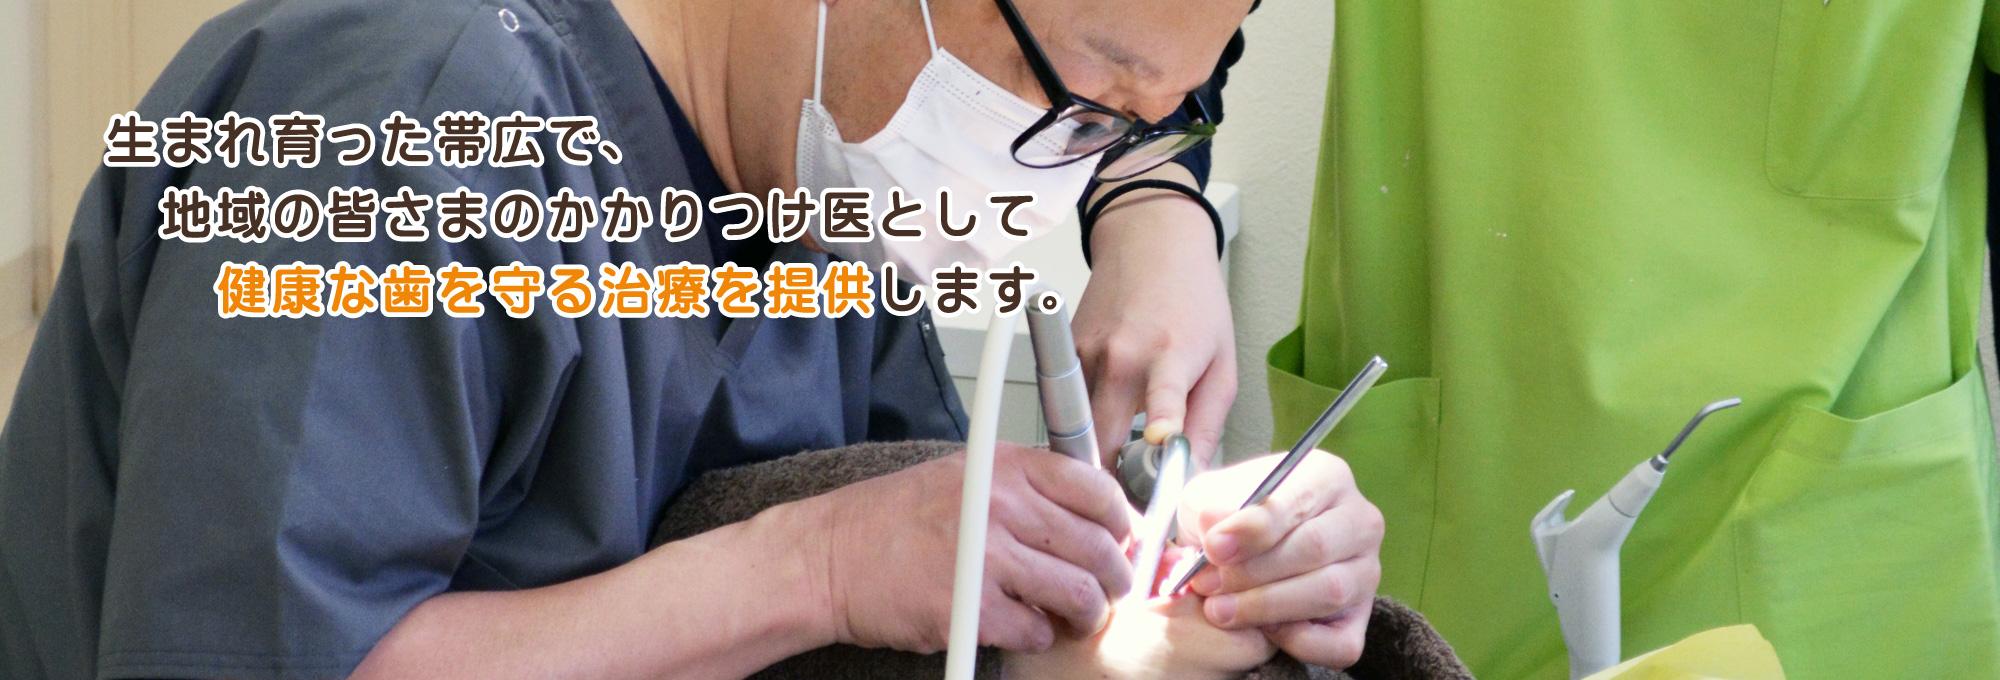 たちばな歯科医院